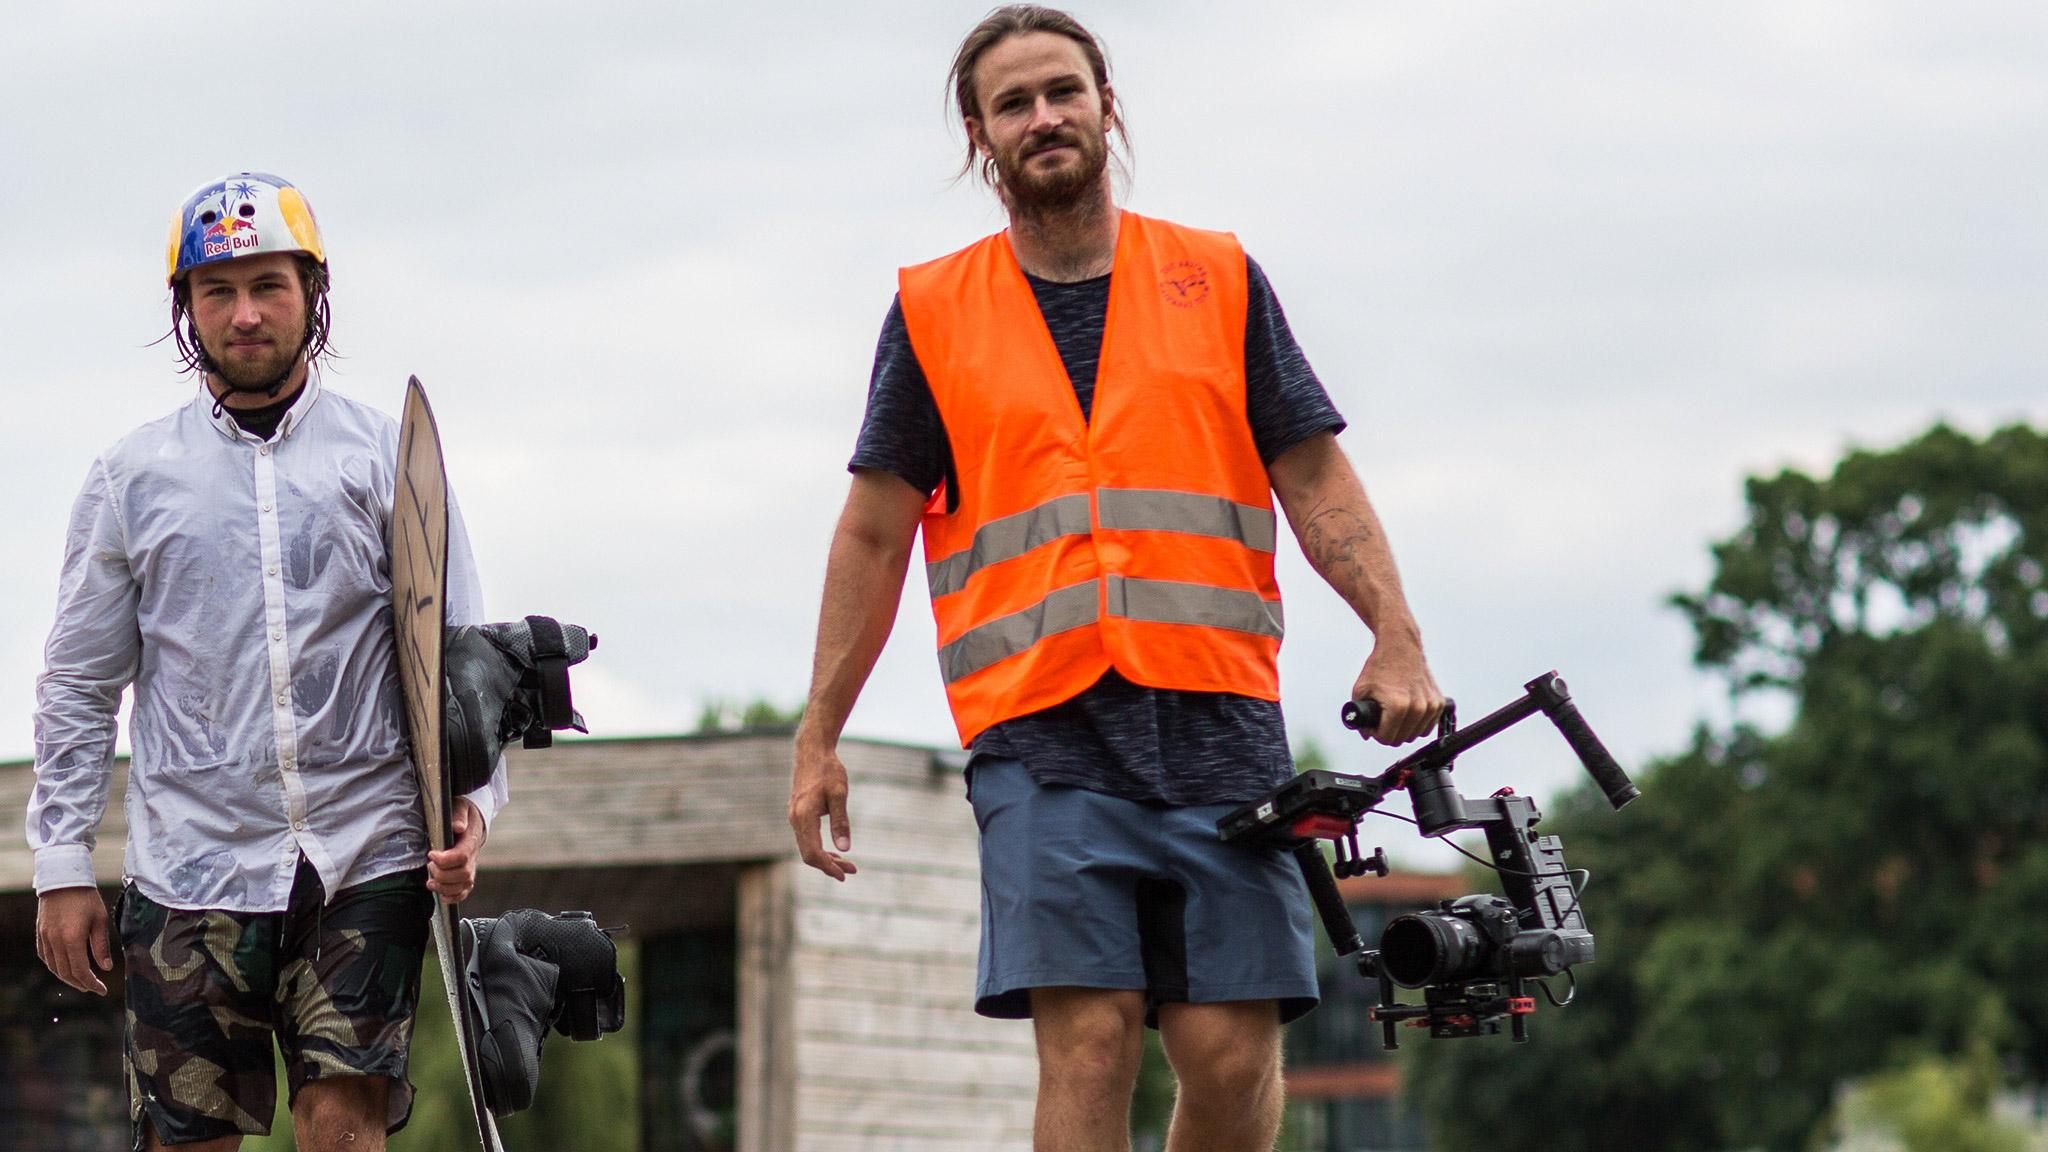 Georgii's filmer: Steffen Vollert